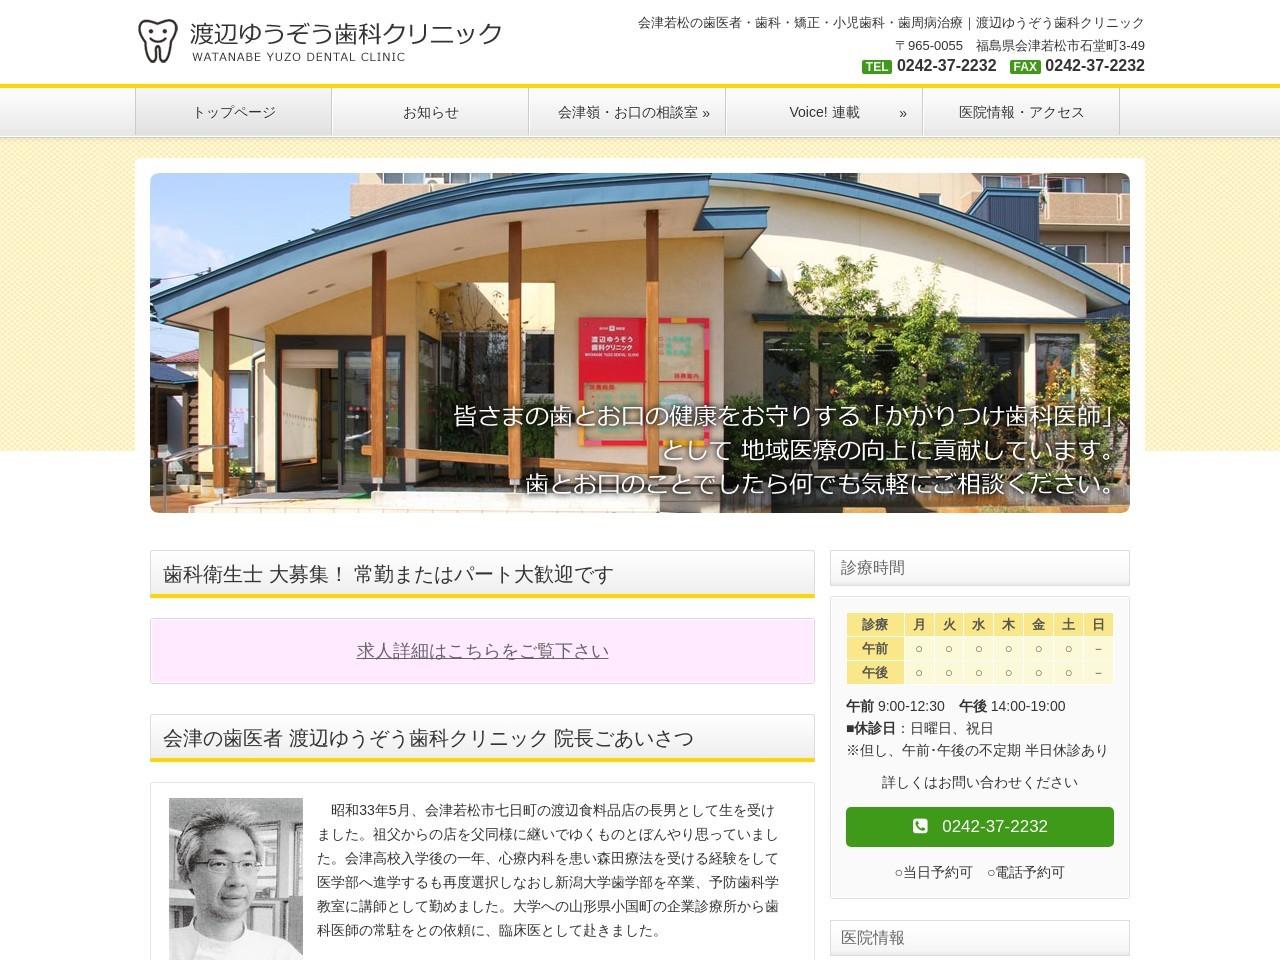 渡辺ゆうぞう歯科クリニック (福島県会津若松市)